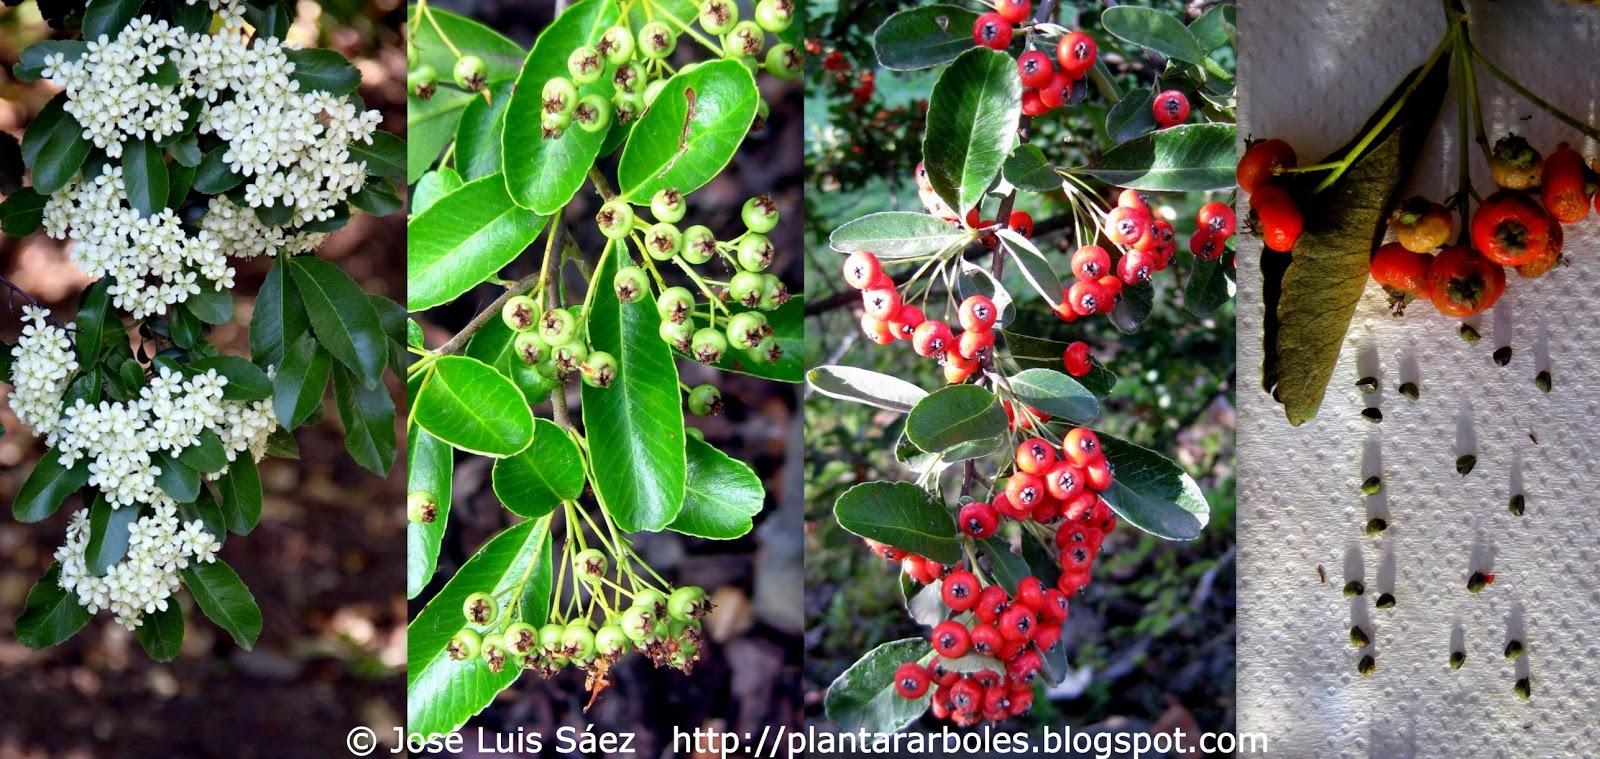 Plantar rboles y arbustos arbustos no aut ctonos de for Plantar hortensias semillas